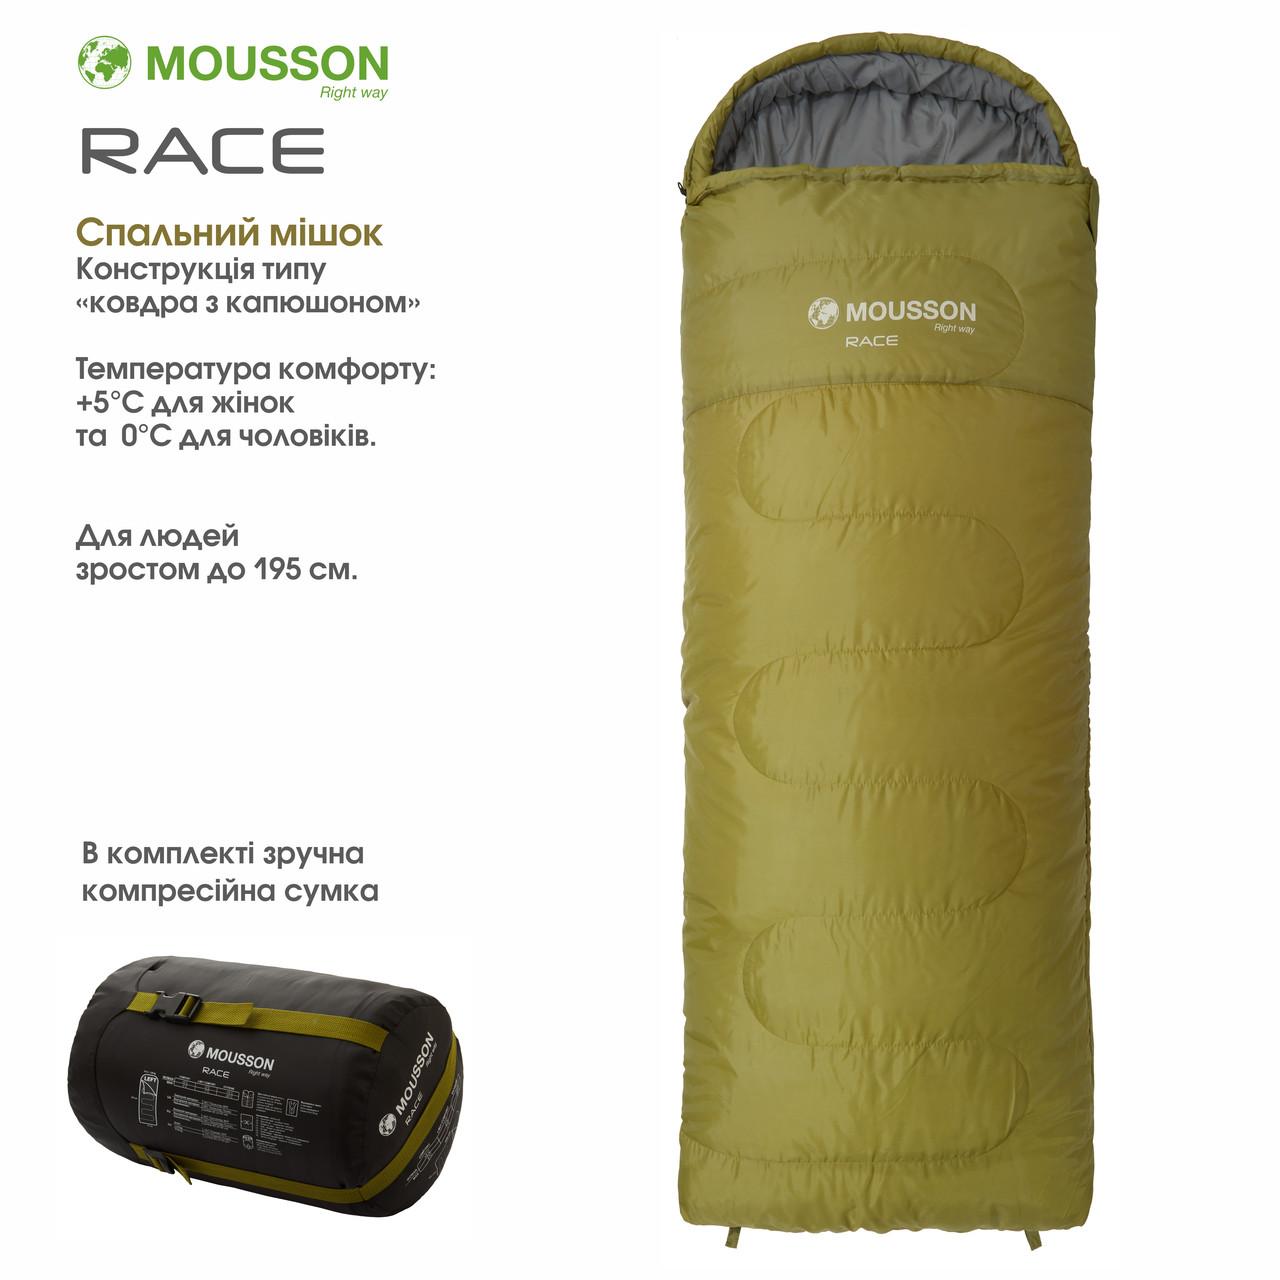 Спальний мішок MOUSSON RACE L OLIVE